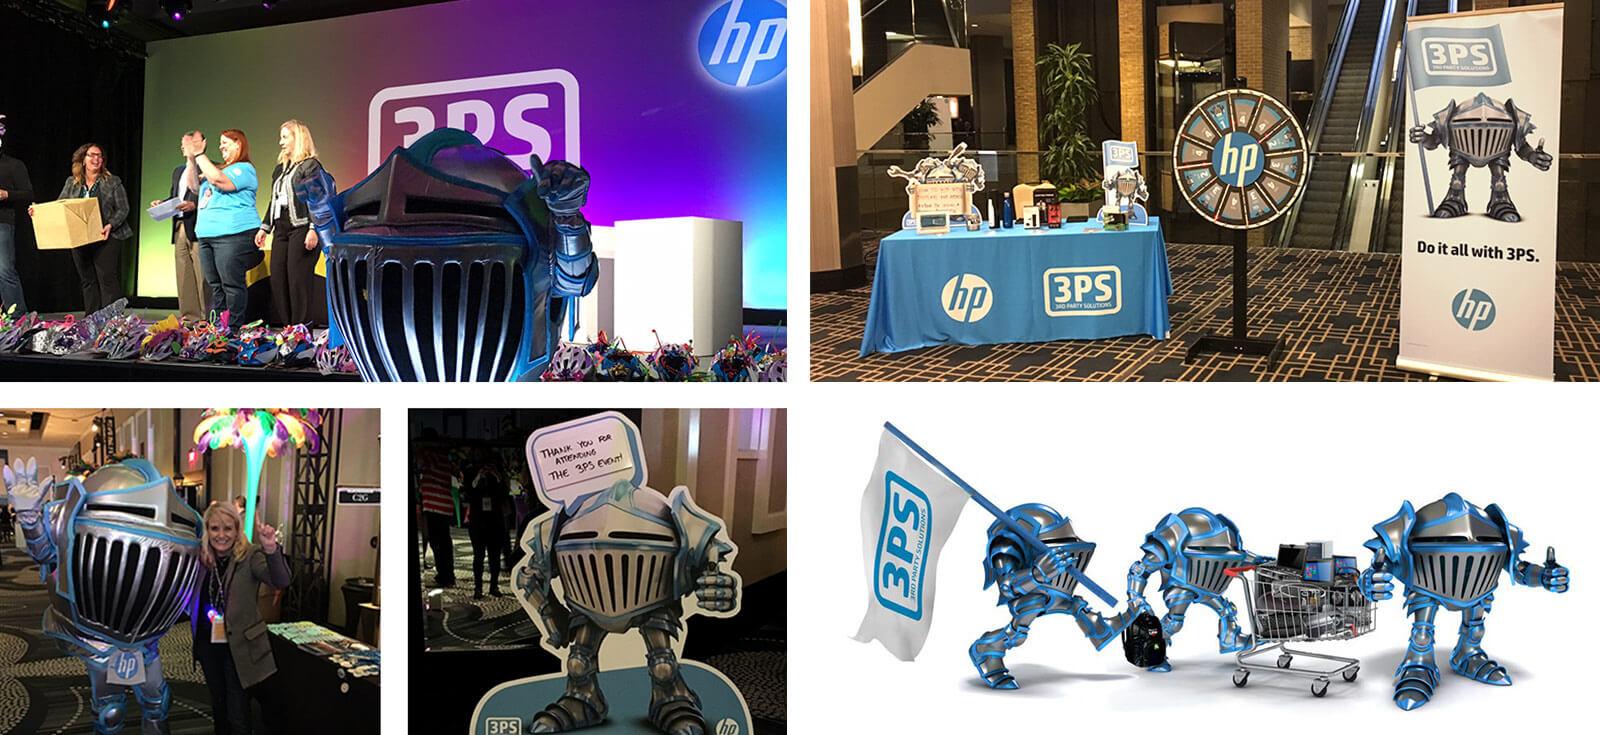 HP 3PS Image 2